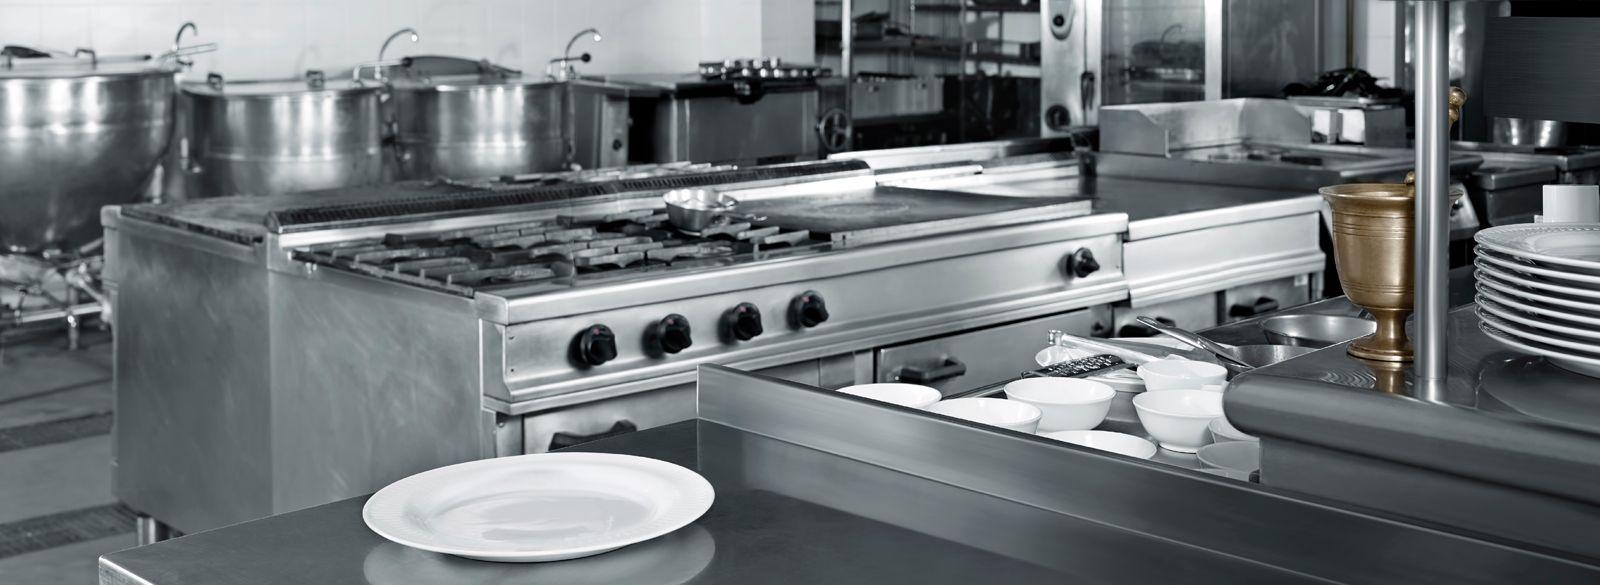 Todo en equipos de restauracion y hosteleria: Productos y servicios de Gadir S.L.